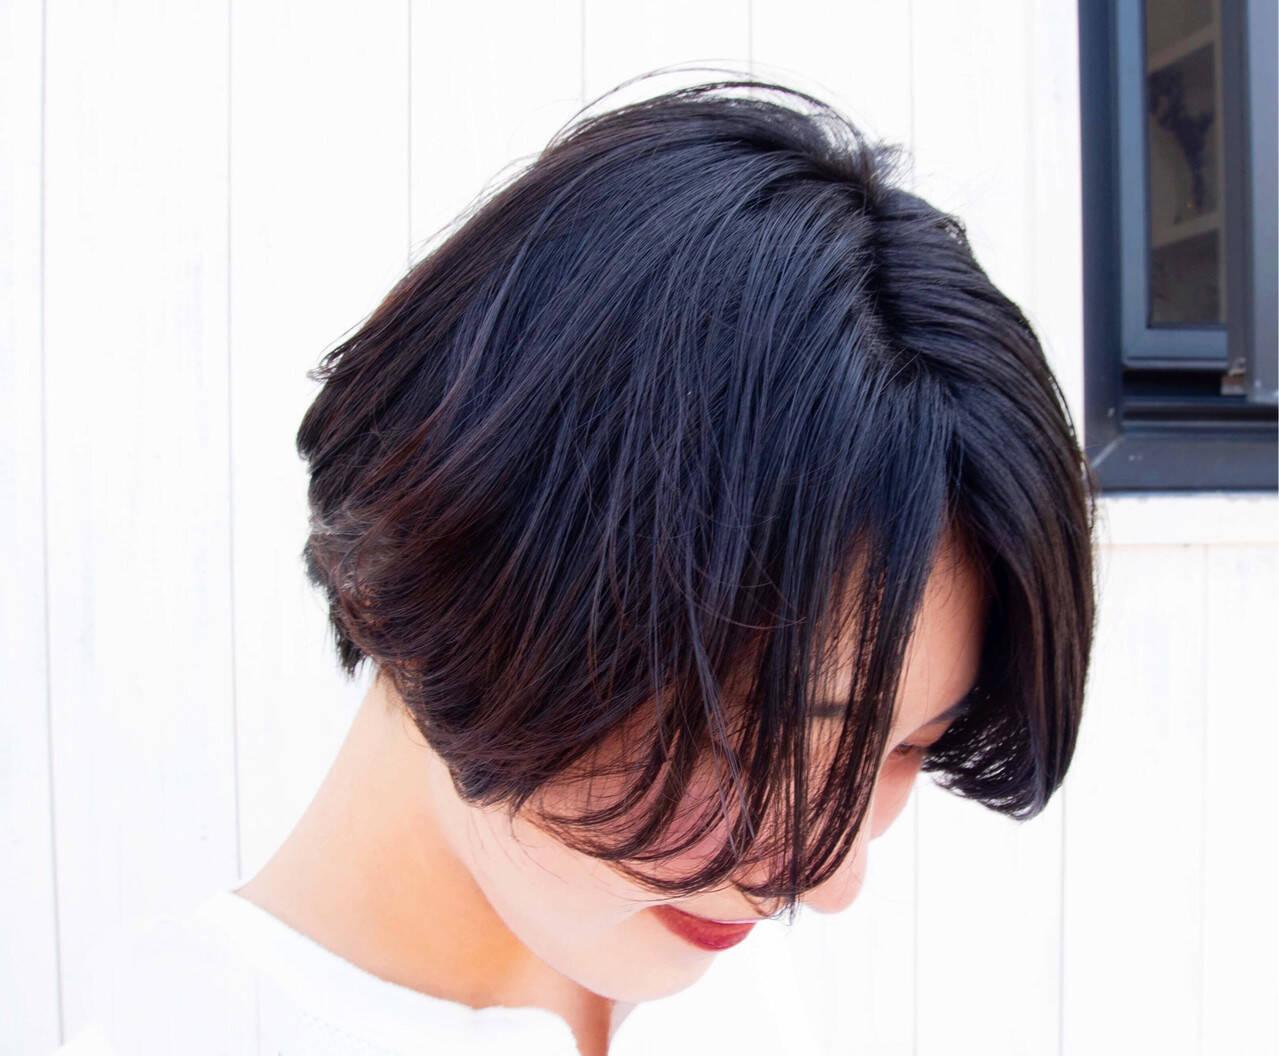 ショートボブ ナチュラル マッシュショート 前下がりショートヘアスタイルや髪型の写真・画像